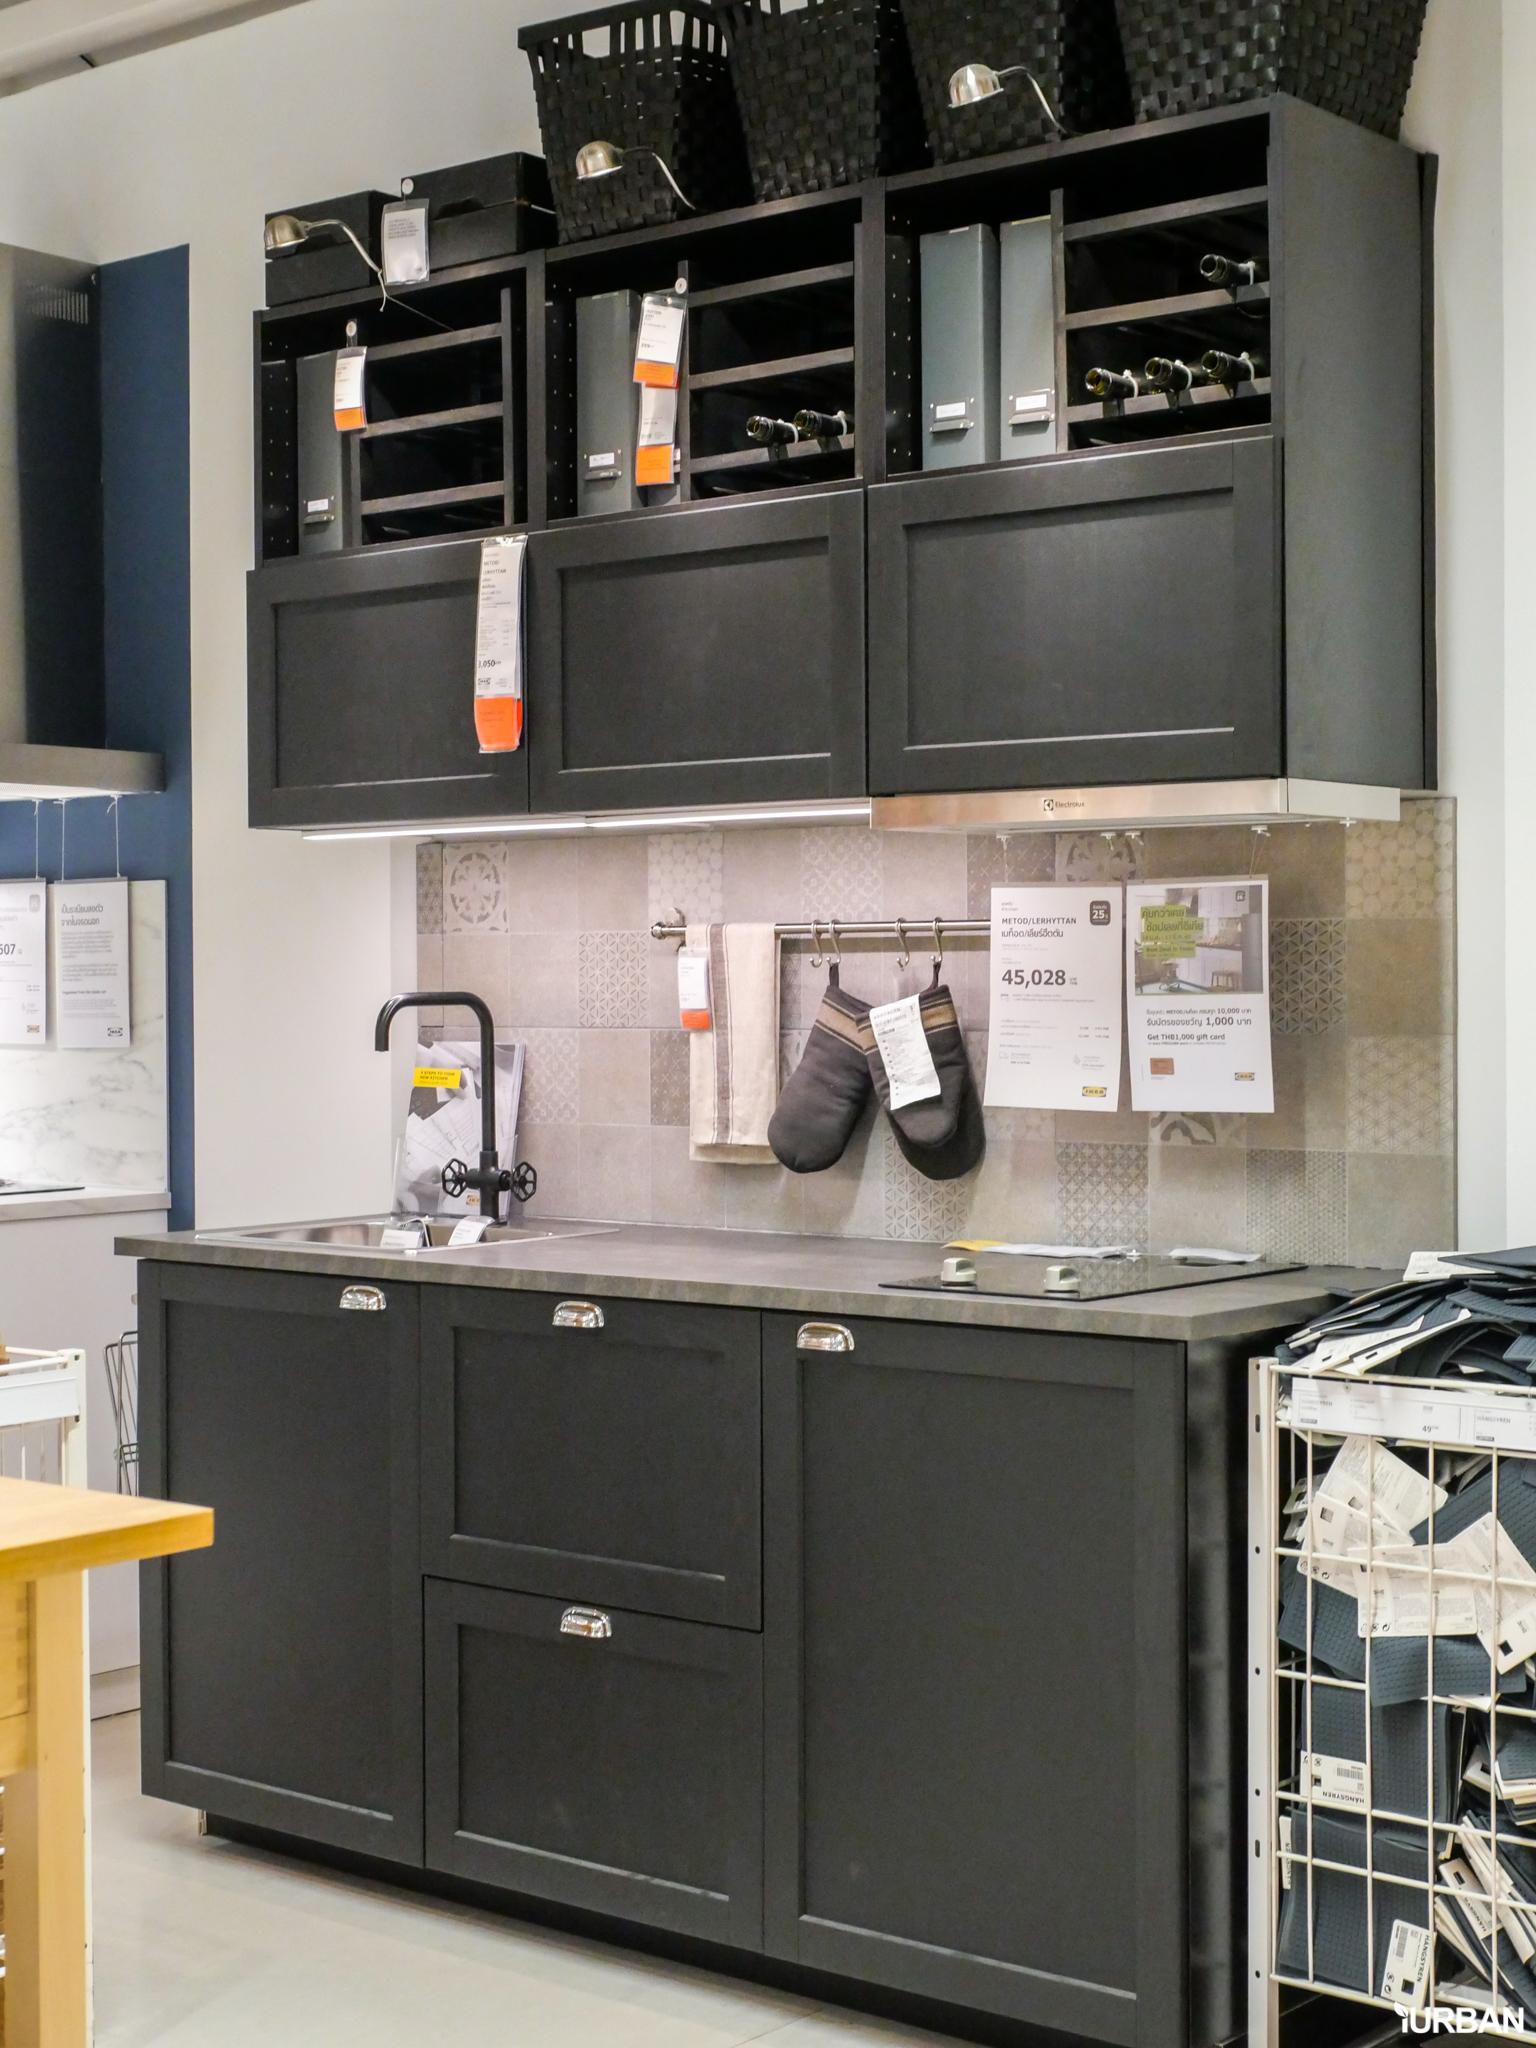 9 เหตุผลที่คนเลือกชุดครัวอิเกีย และโอกาสที่จะมีครัวในฝัน IKEA METOD/เมท็อด โปรนี้ดีที่สุดแล้ว #ถึง17มีนา 37 - IKEA (อิเกีย)